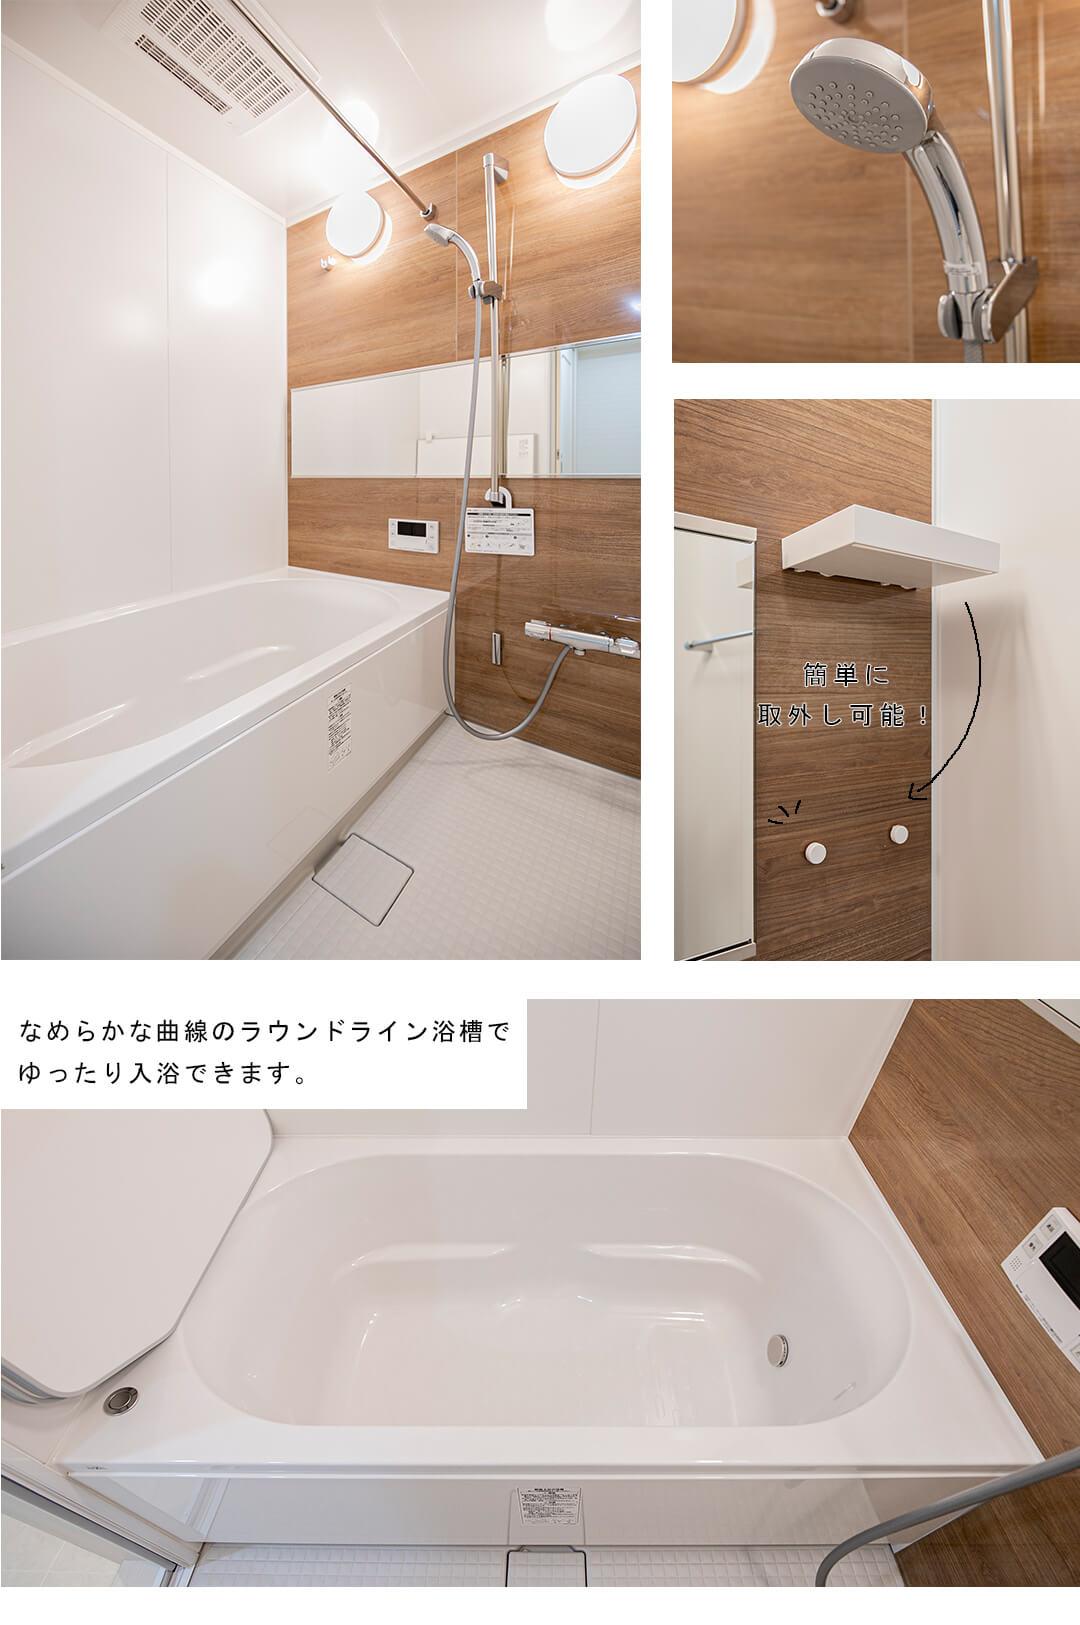 ハイホーム市ヶ谷の浴室